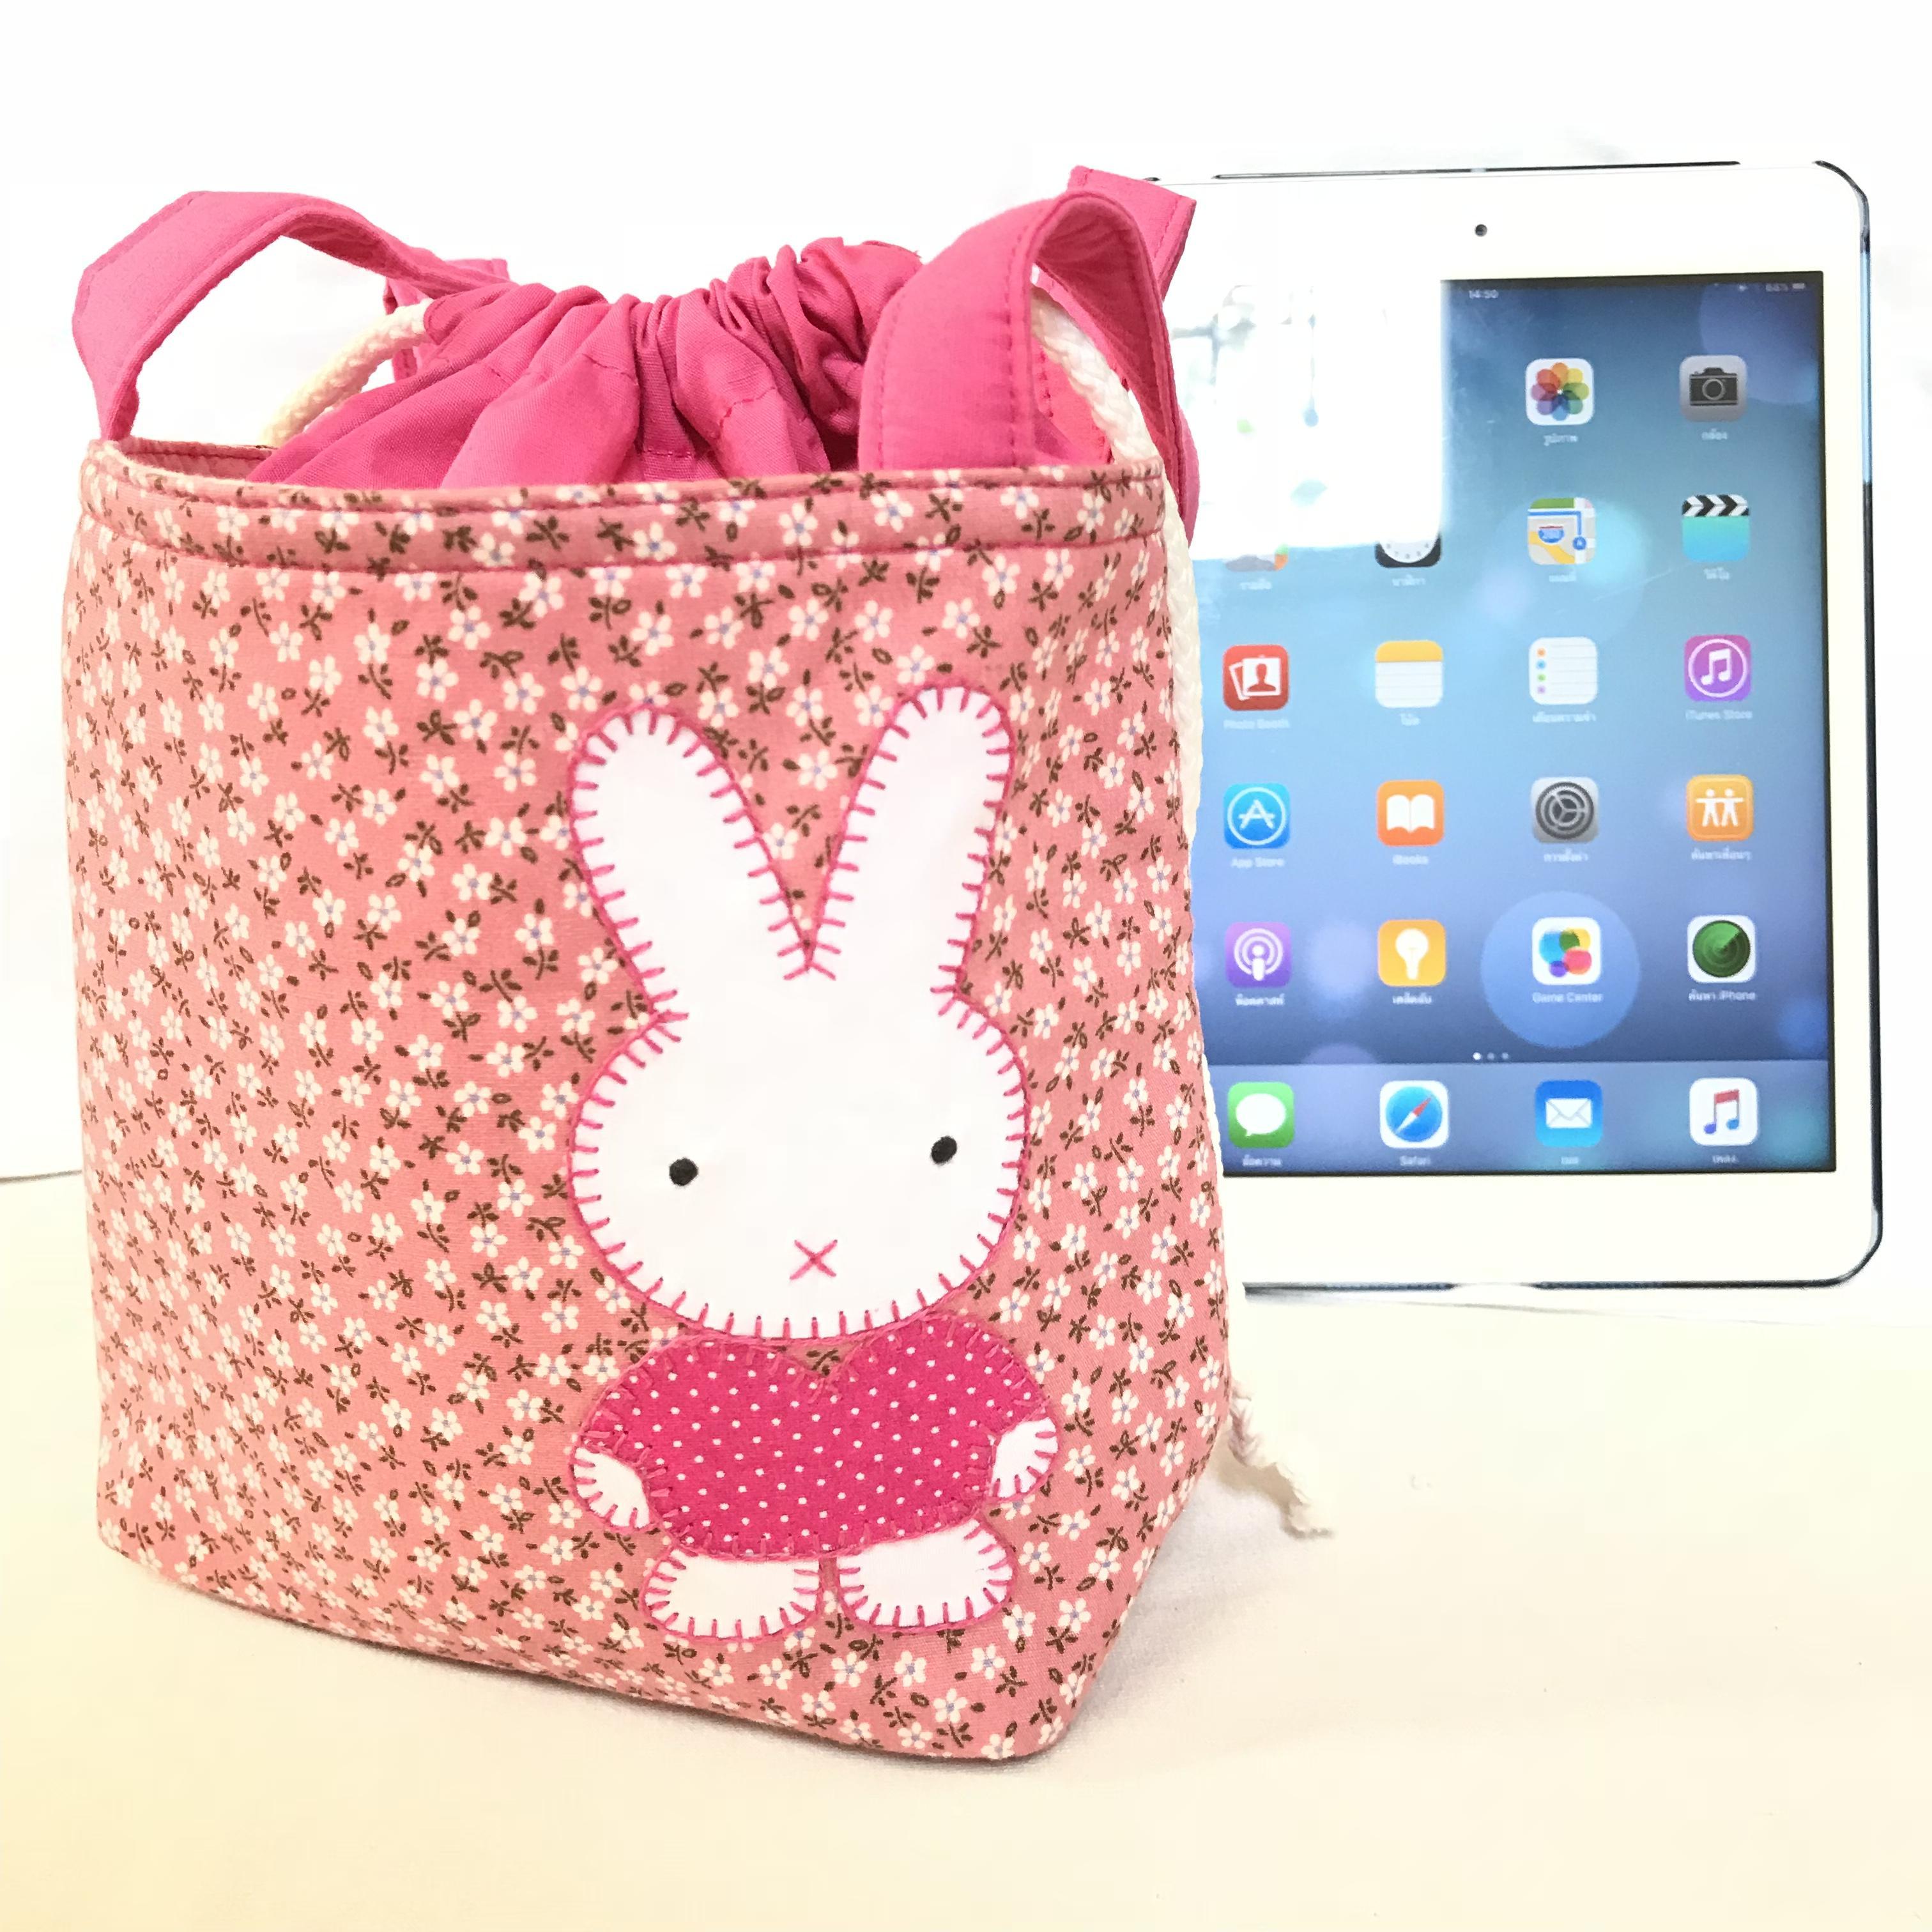 ** หมดค่ะ ** กระเป๋าหูรูด ลายกระต่าย สีชมพู